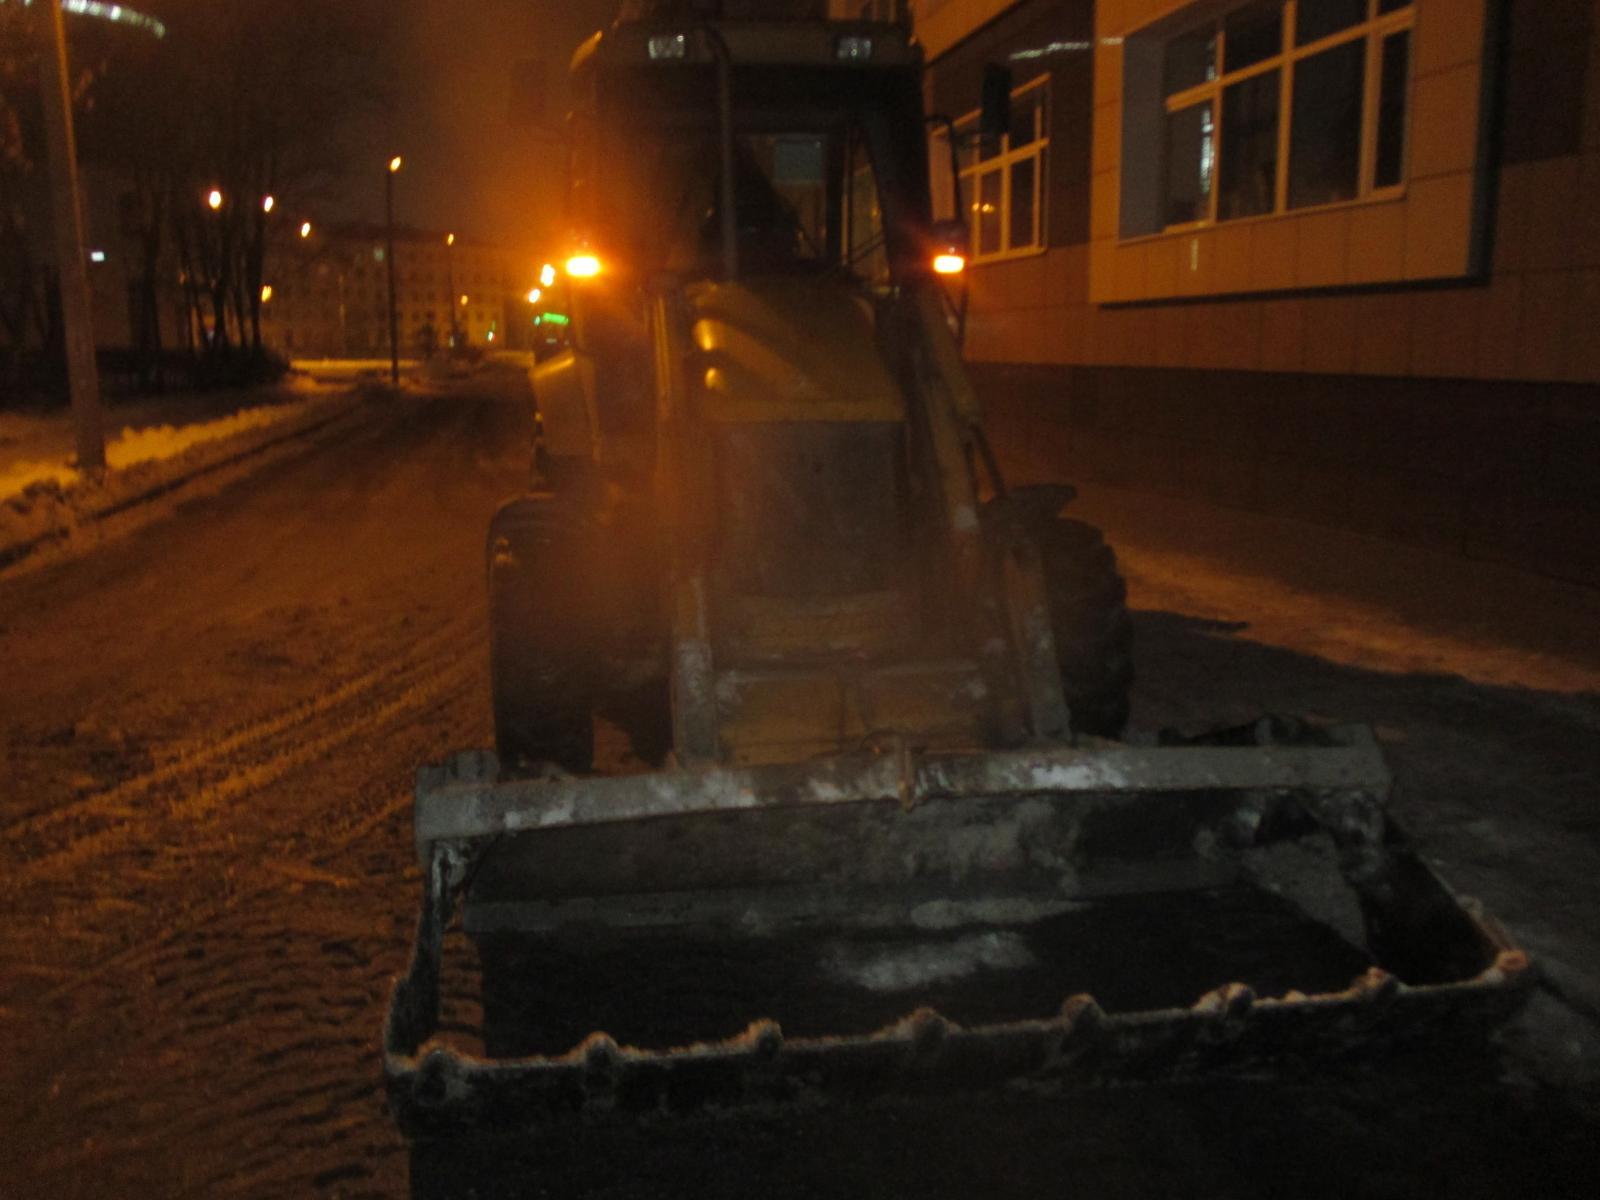 Пьяная женщина на иномарке въехала в трактор в Ярославле